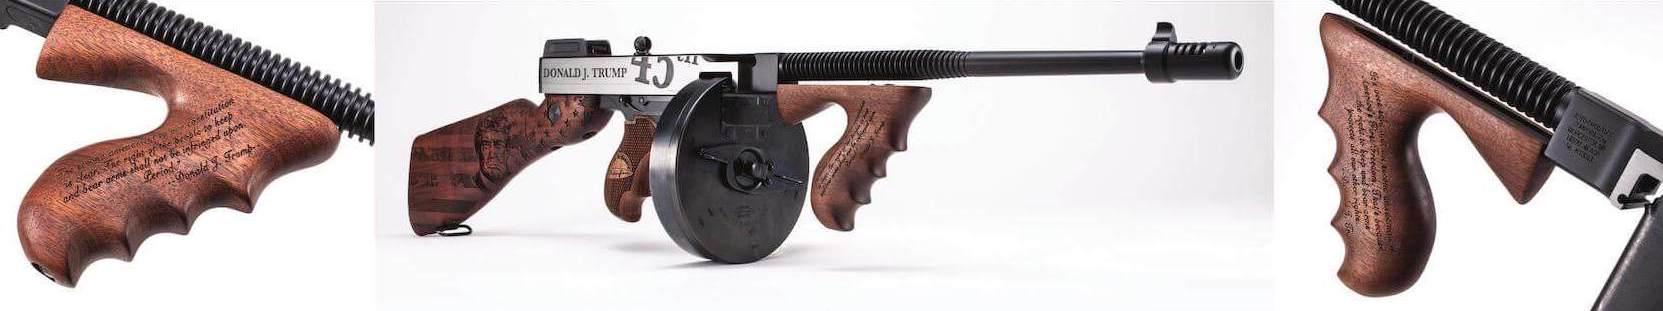 trump thompson gun